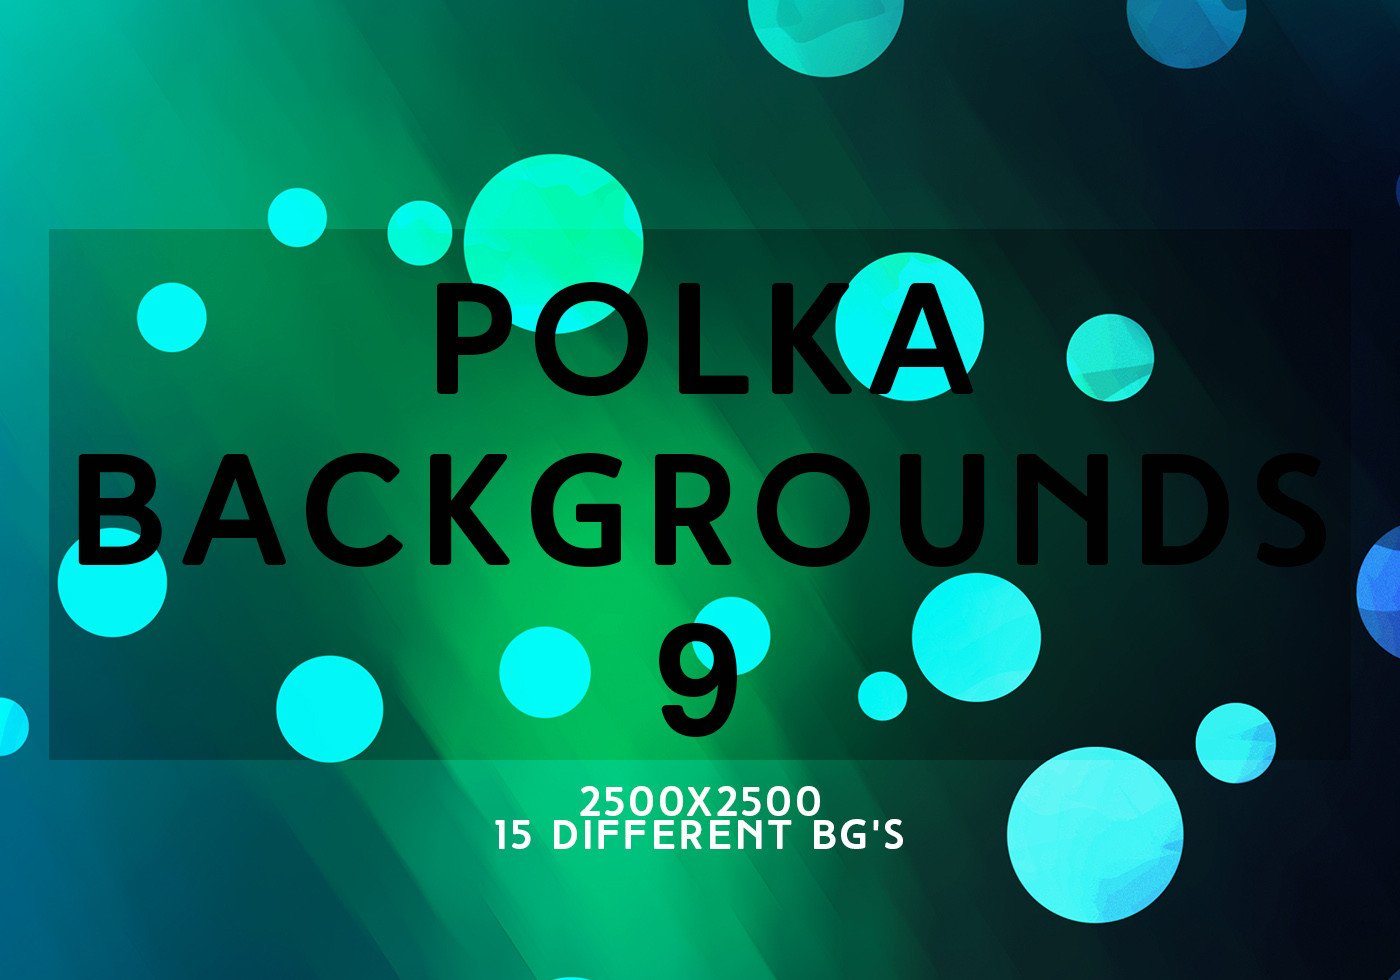 Polka Dot Brush Photoshop Polka Backgrounds 9 Free Shop Brushes at Brusheezy